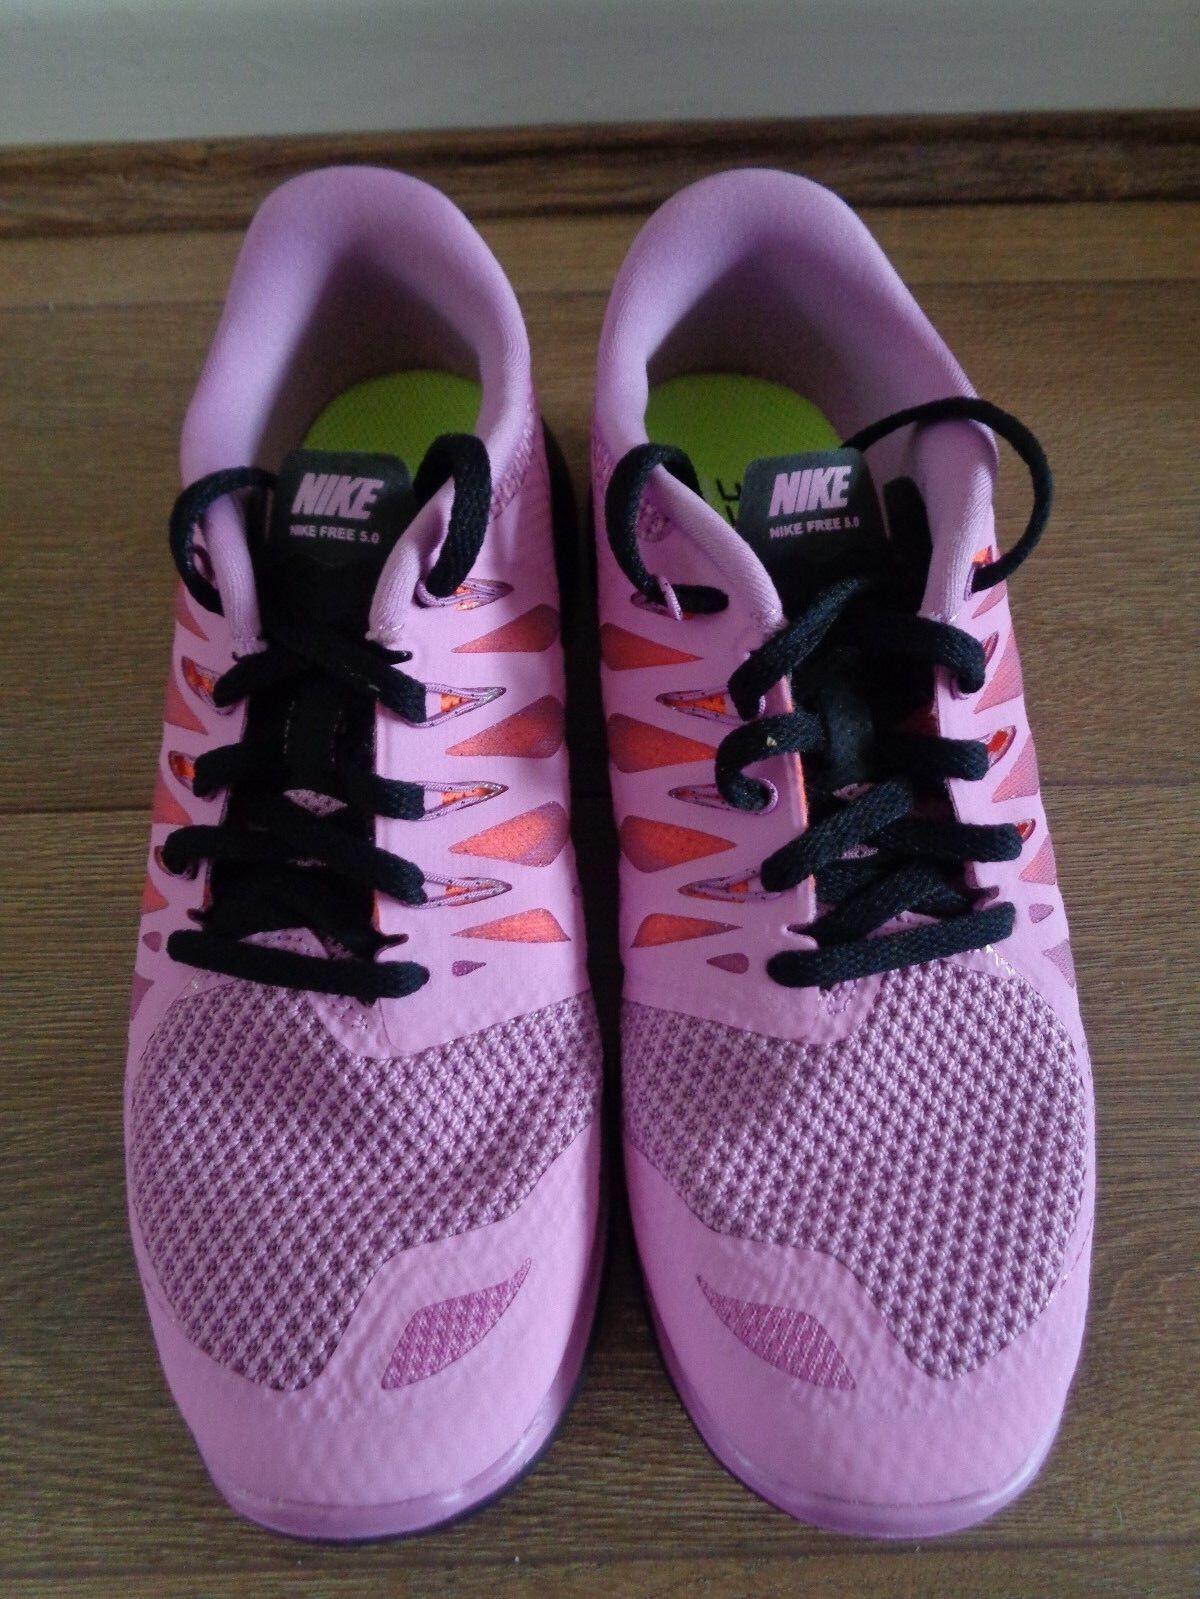 Nike Free 5.0 Linea Donna Scarpe Da Corsa Corsa Corsa Scarpe da ginnastica 642199 503 EU 38.5 US 7.5 NUOVE e72292